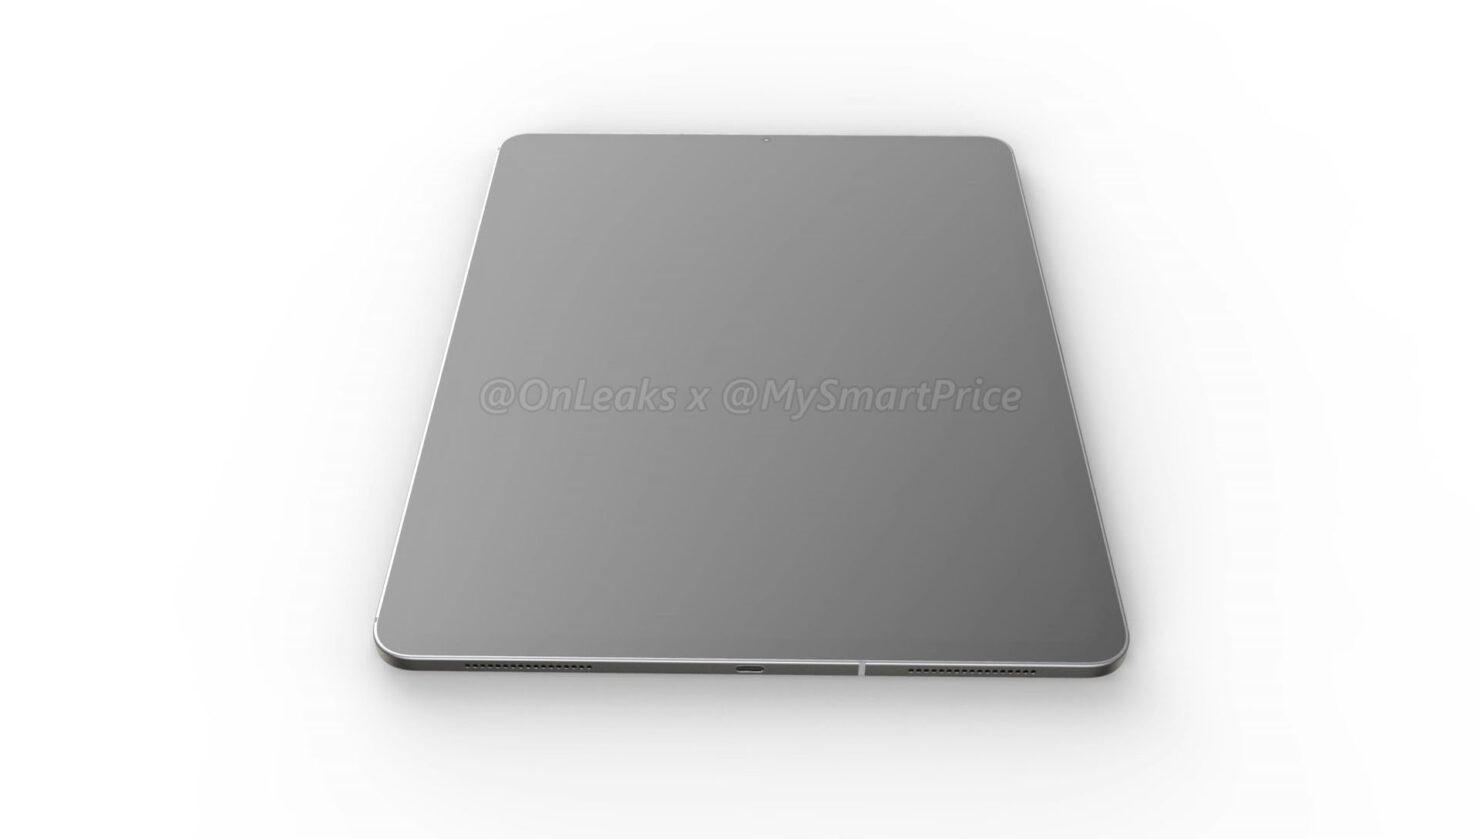 ipad-pro-12-9-inch-cad-renders-3